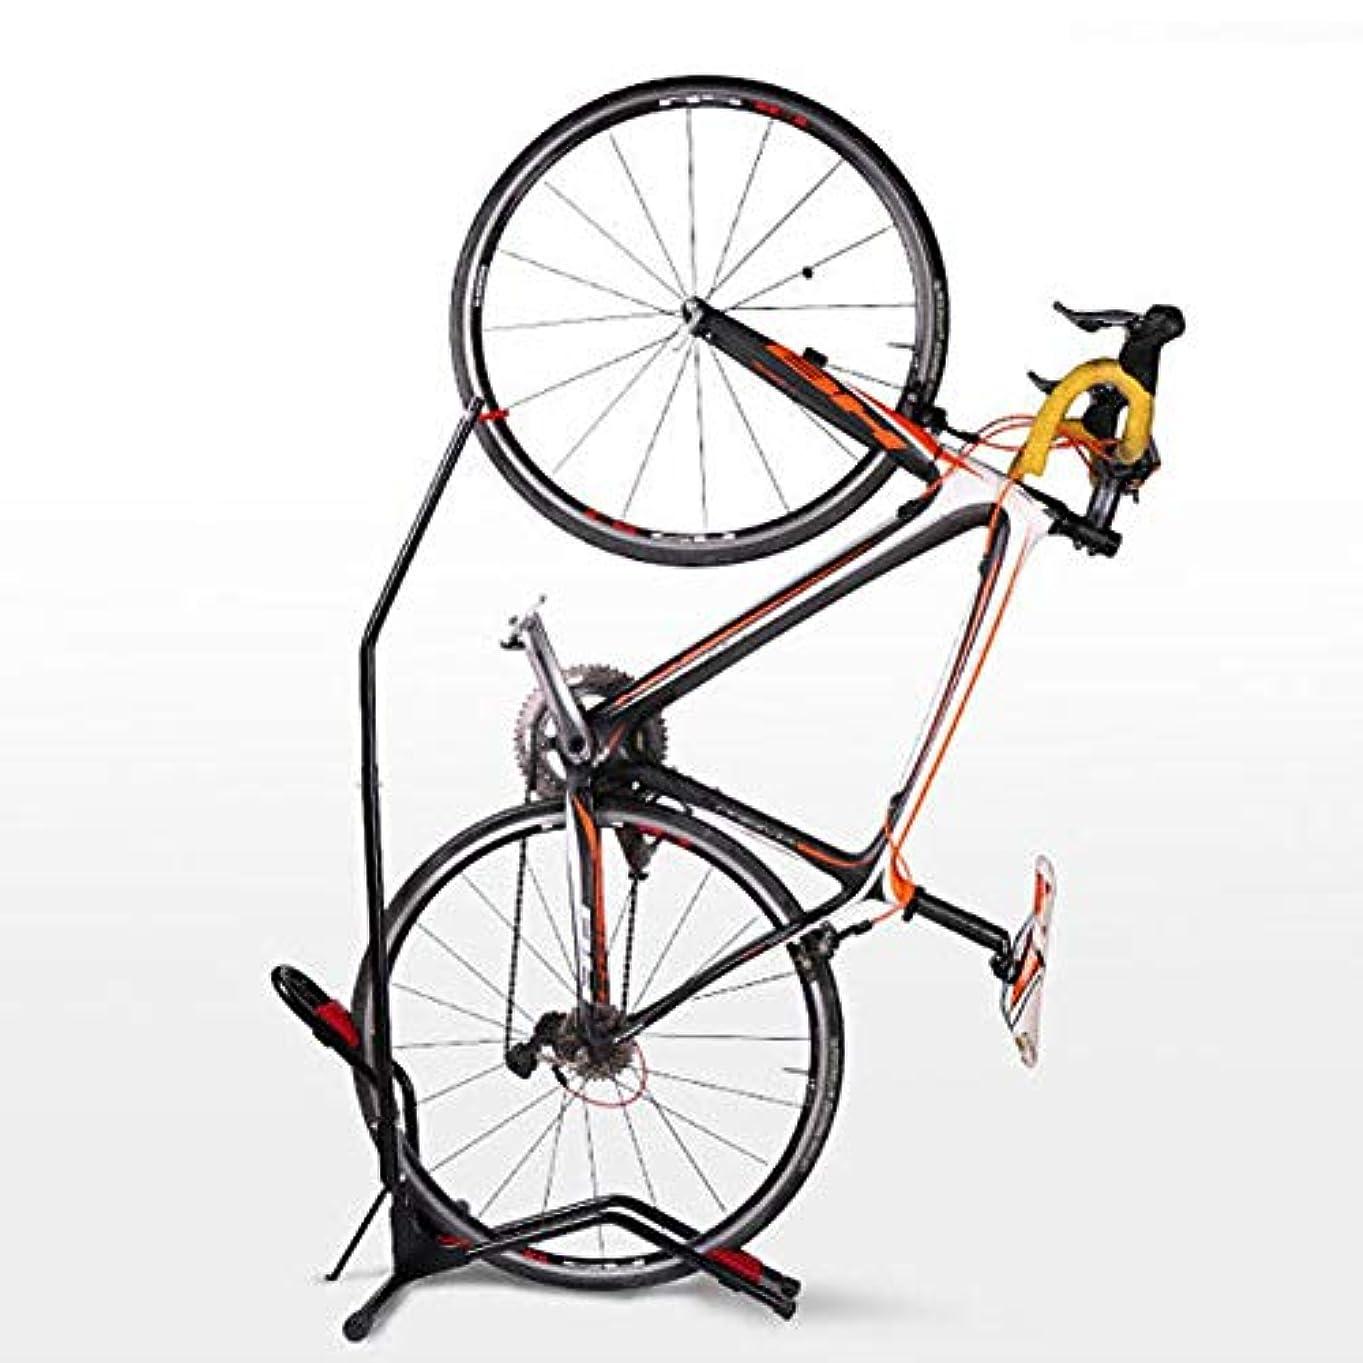 深遠動差し控える自転車スタンド ディスプレイスタンド【 縦置き 横置き両用】 クランクストッパースタンド 盗難防止 頑丈で転倒防止 収納 空間が狭くならない